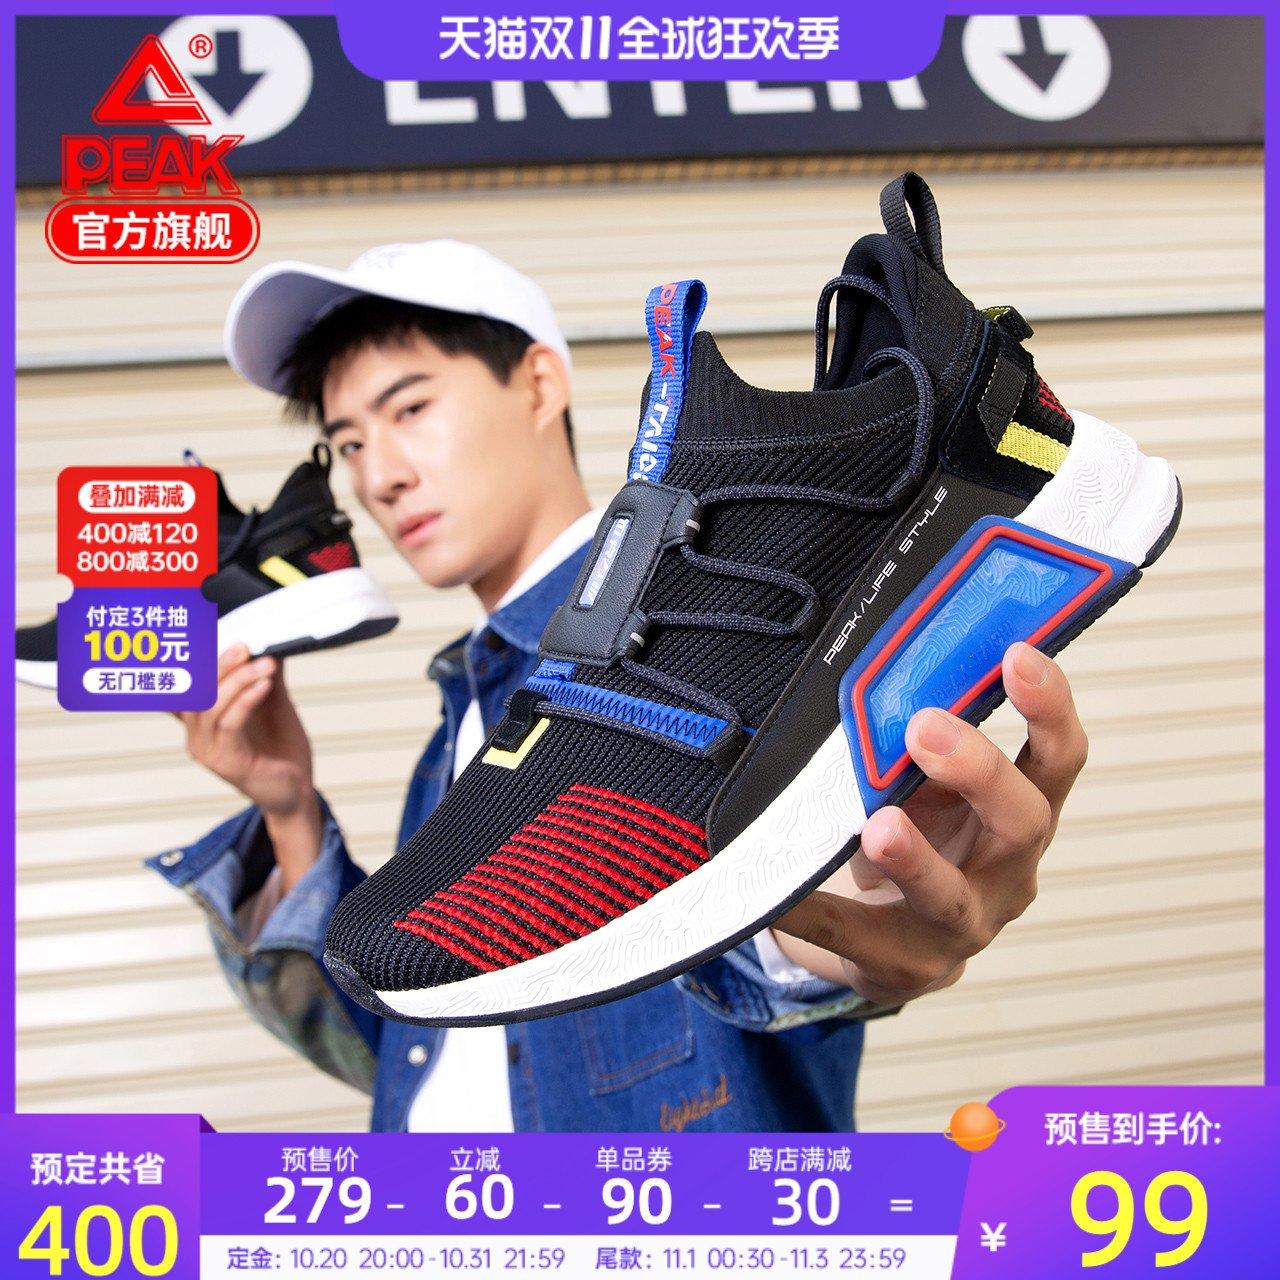 Peak 匹克 态极 情侣款 一体飞织透气减震运动鞋 ¥99包邮(需定金30元)多色可选